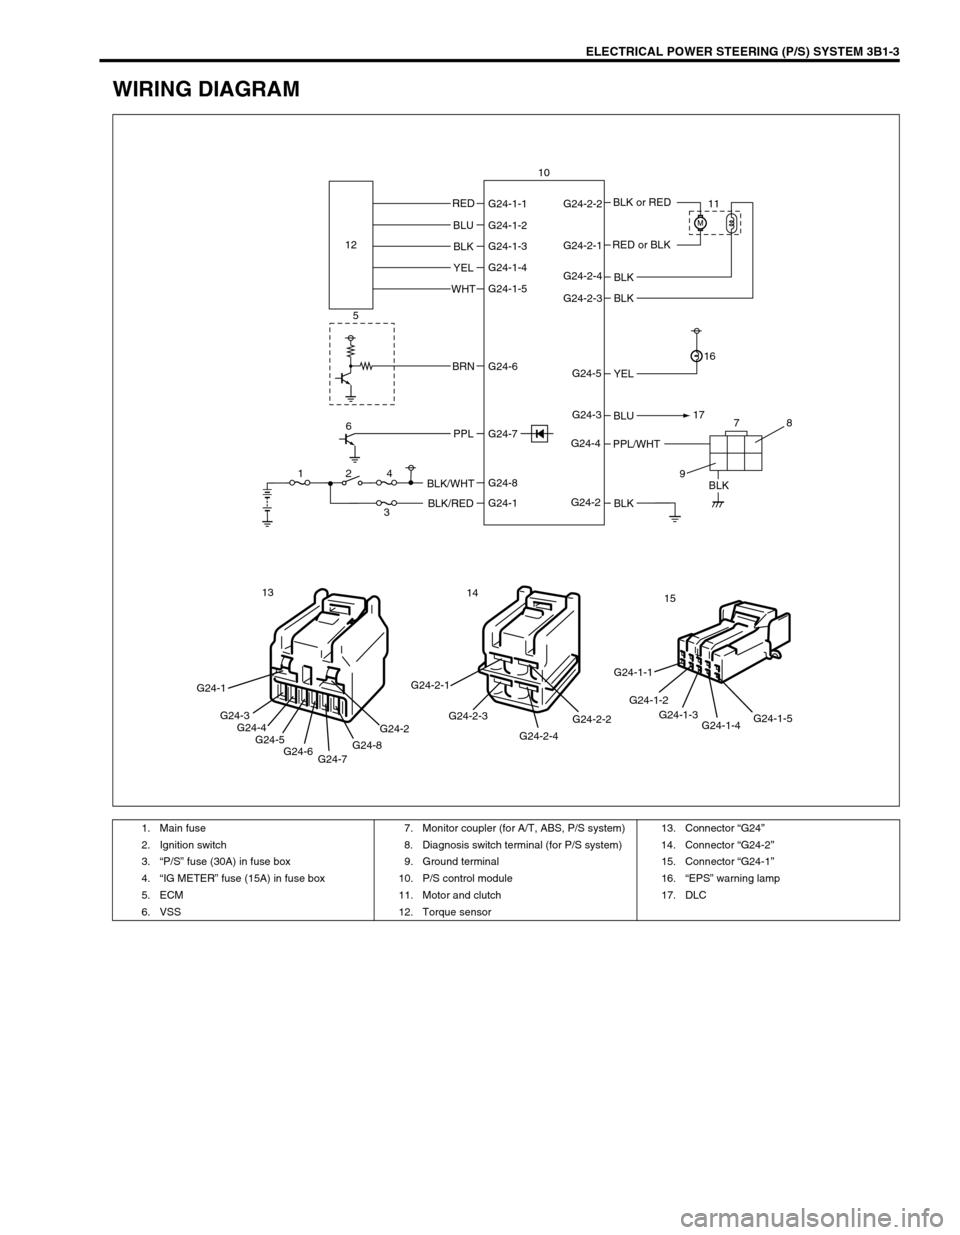 SUZUKI SWIFT 2000 1.G RG413 Service Workshop Manual, Page 144